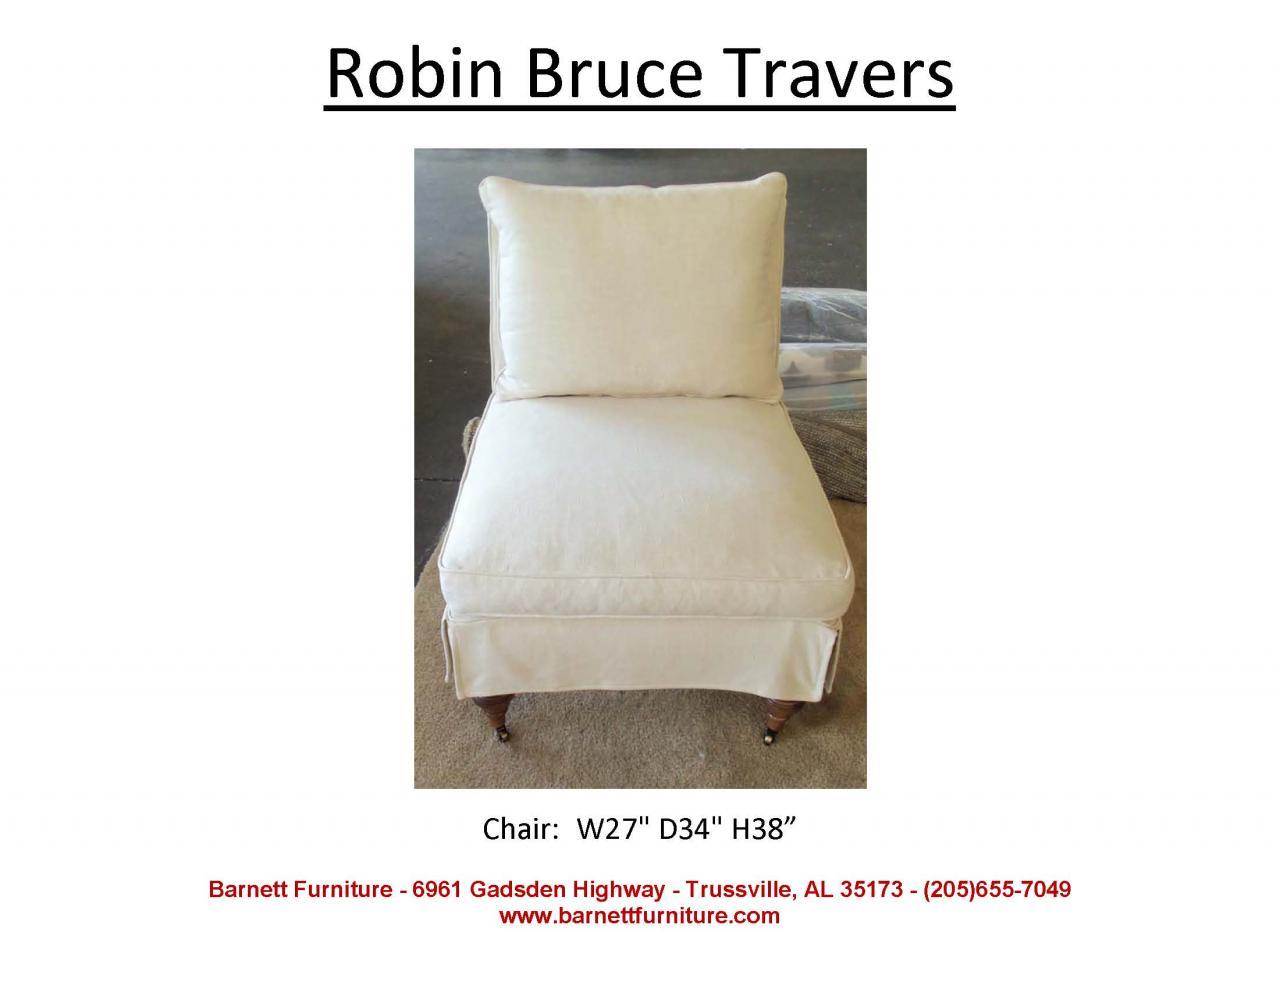 Robin Bruce Travers Slipover Chair